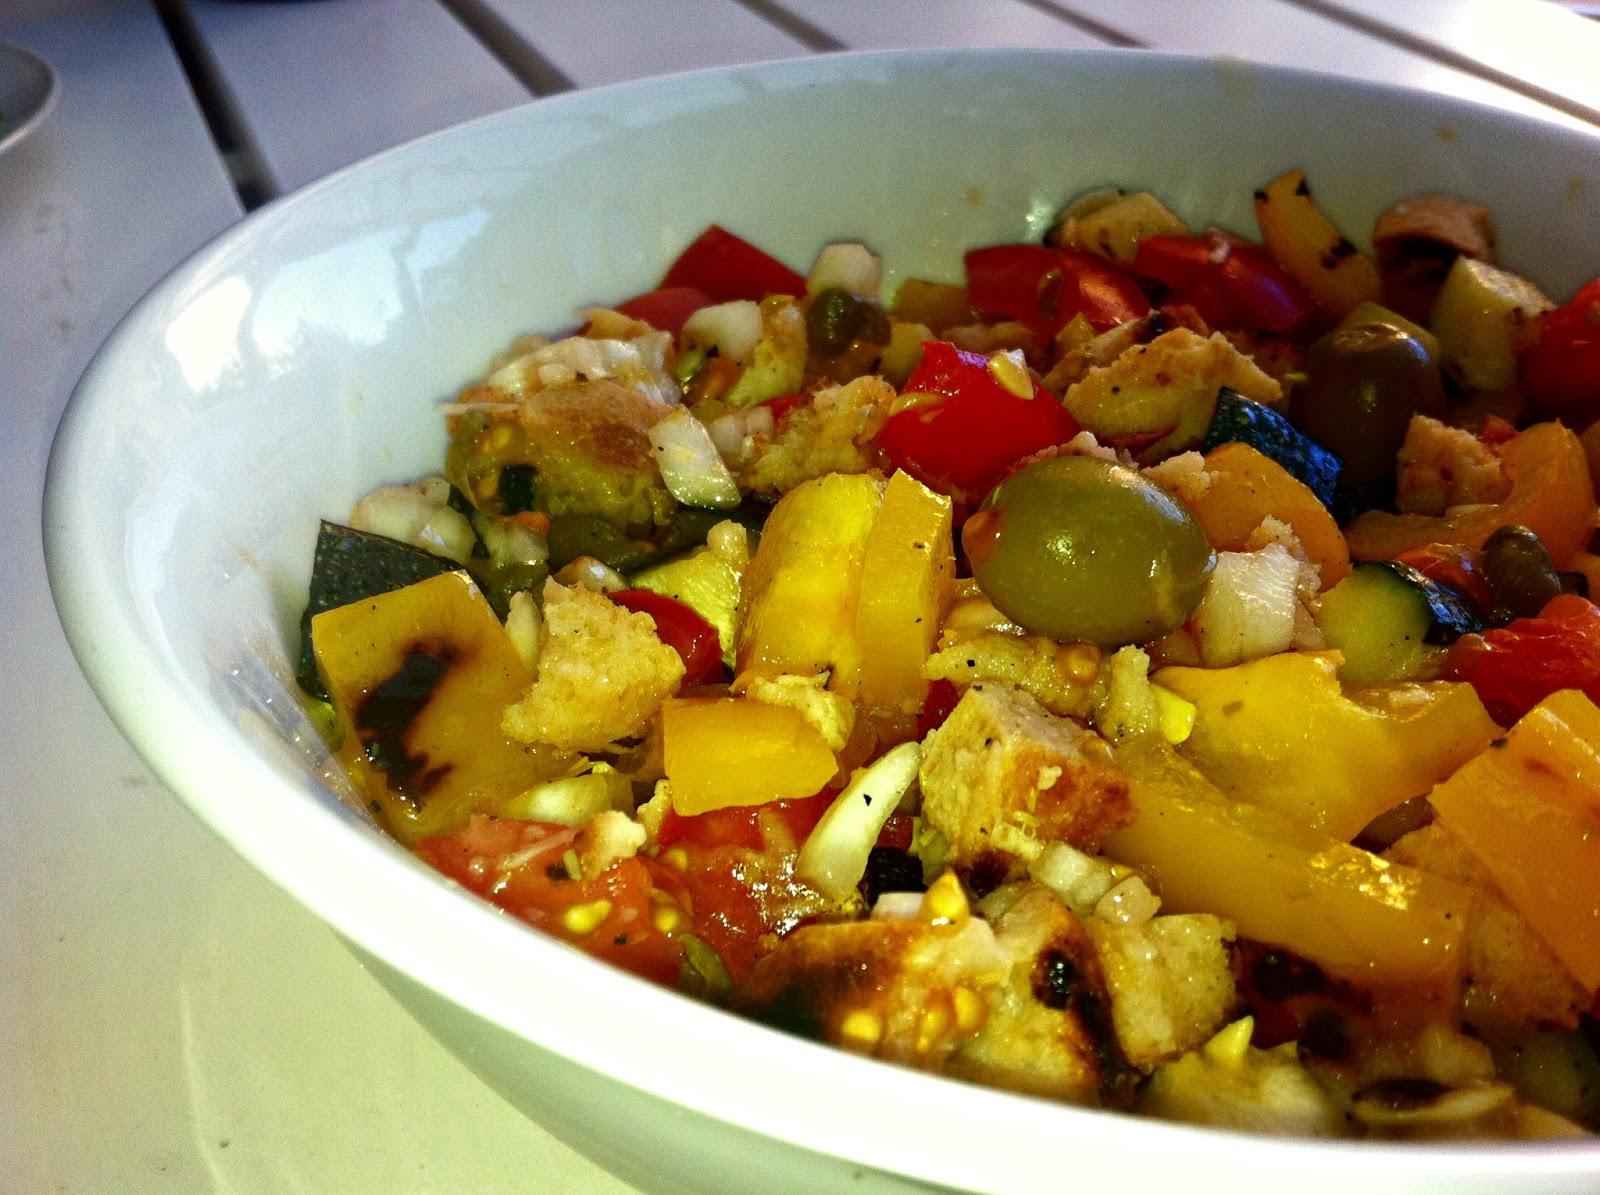 HelseQvinden: Italiensk brødsalat - lækkert både som tilbehør eller hvis du spiser den alene